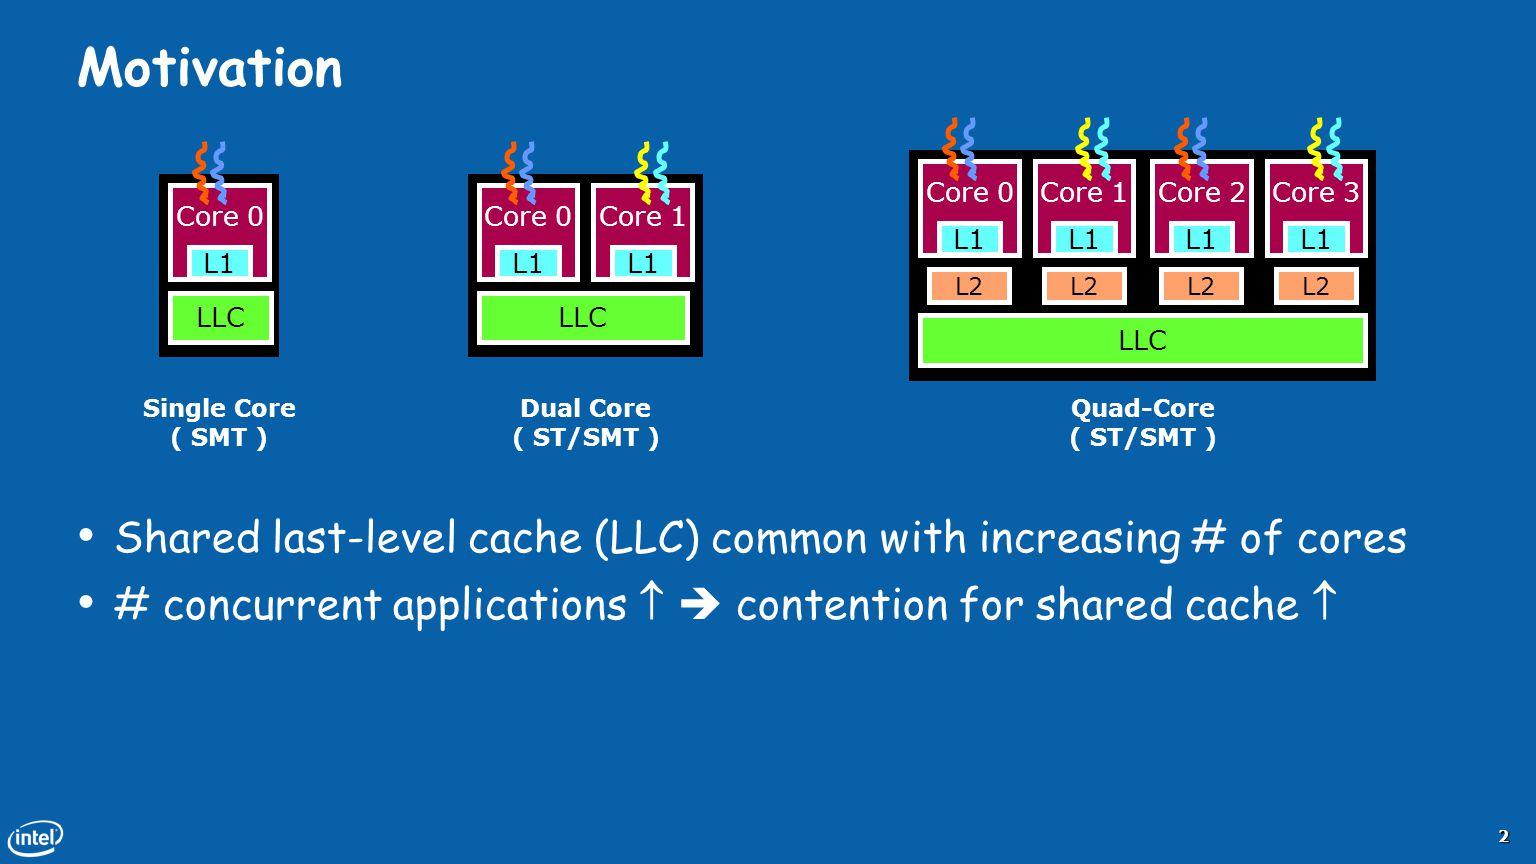 Motivation Core 0. L1. Core 1. LLC. L2. Core 2. Core 3. Single Core. ( SMT ) Dual Core. ( ST/SMT )